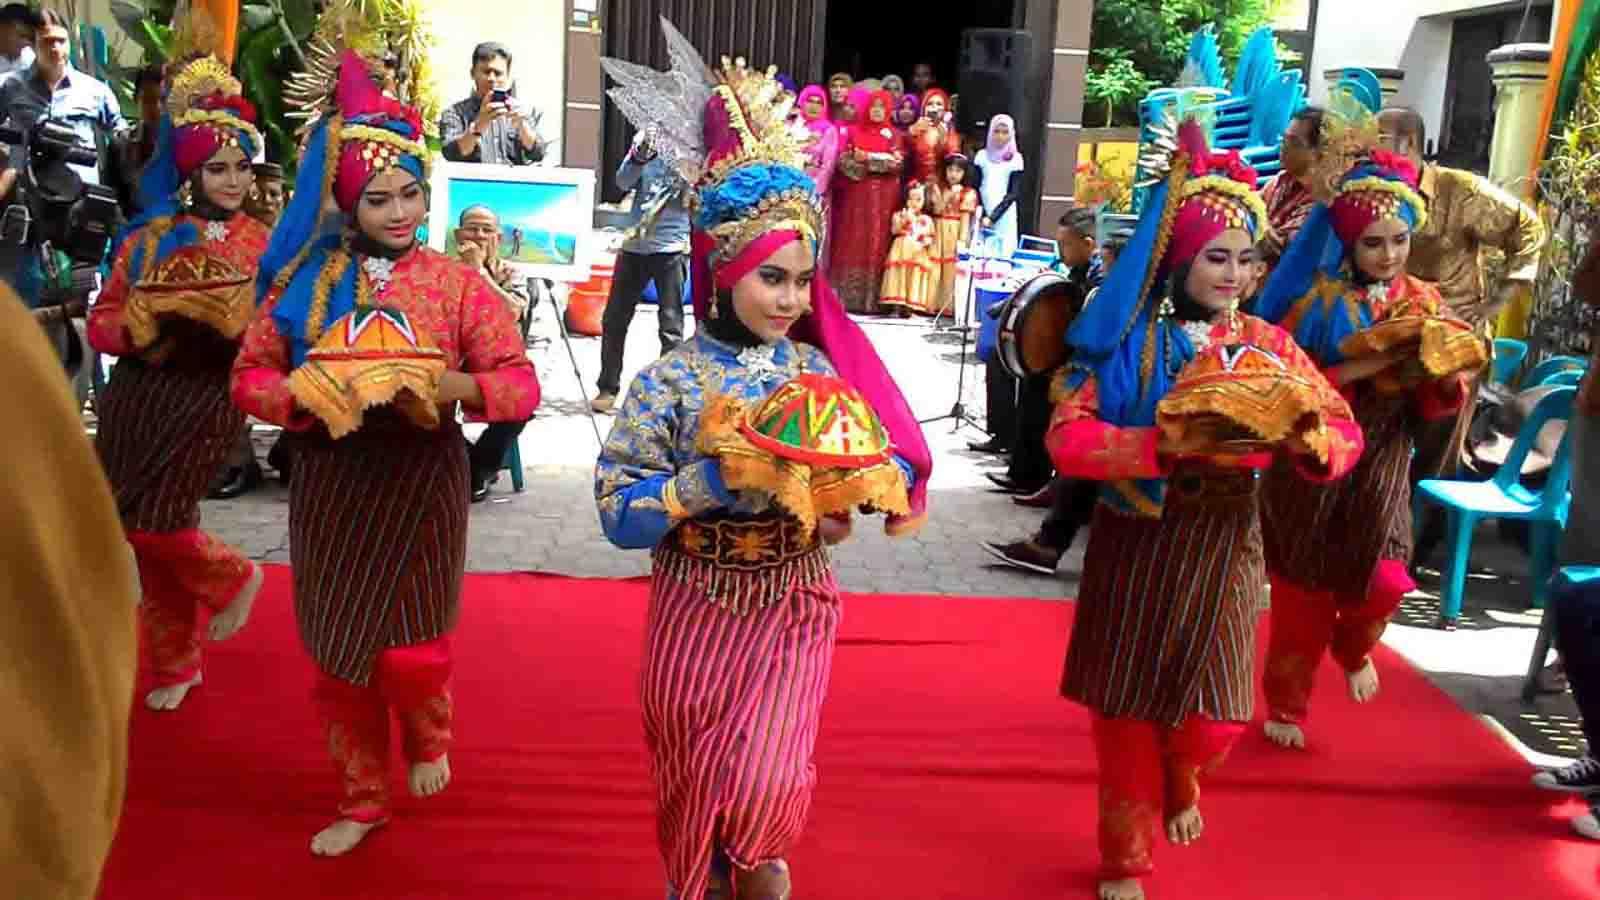 Tari Ranup Lampuan, Tarian Tradisional Dari Aceh (Nanggroe Aceh Darussalam)